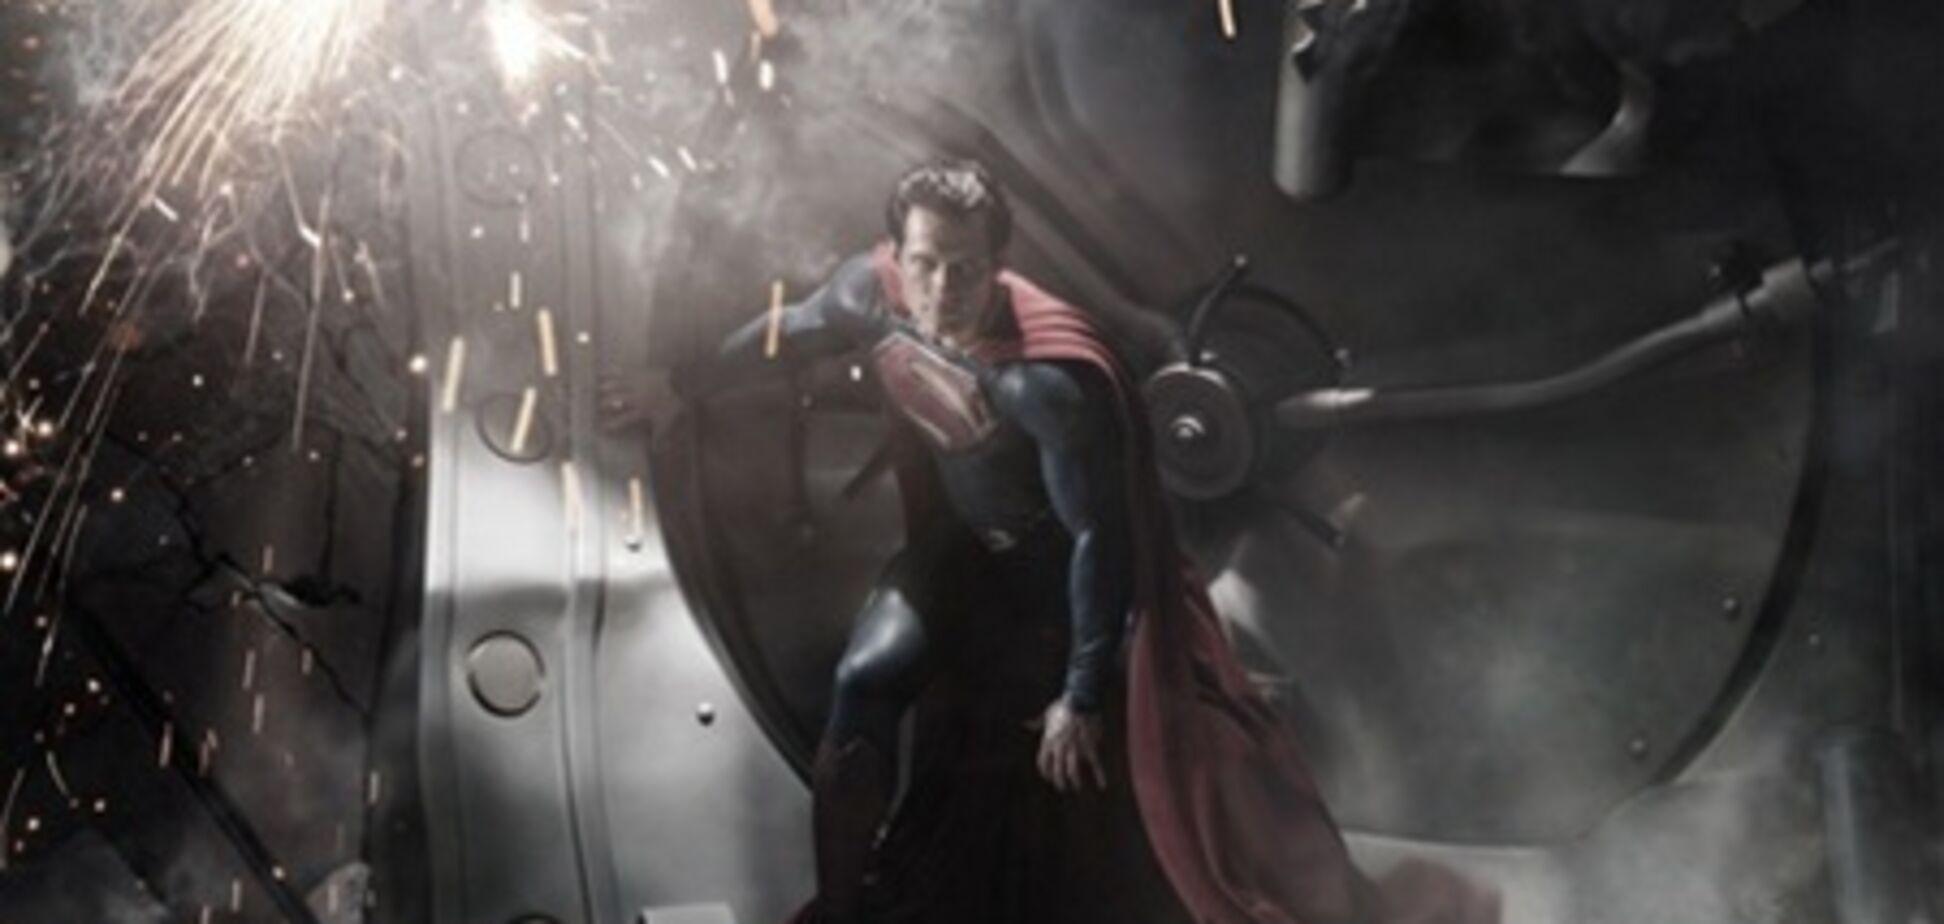 Композитор 'Гладиатора' напишет музыку для 'Супермена'